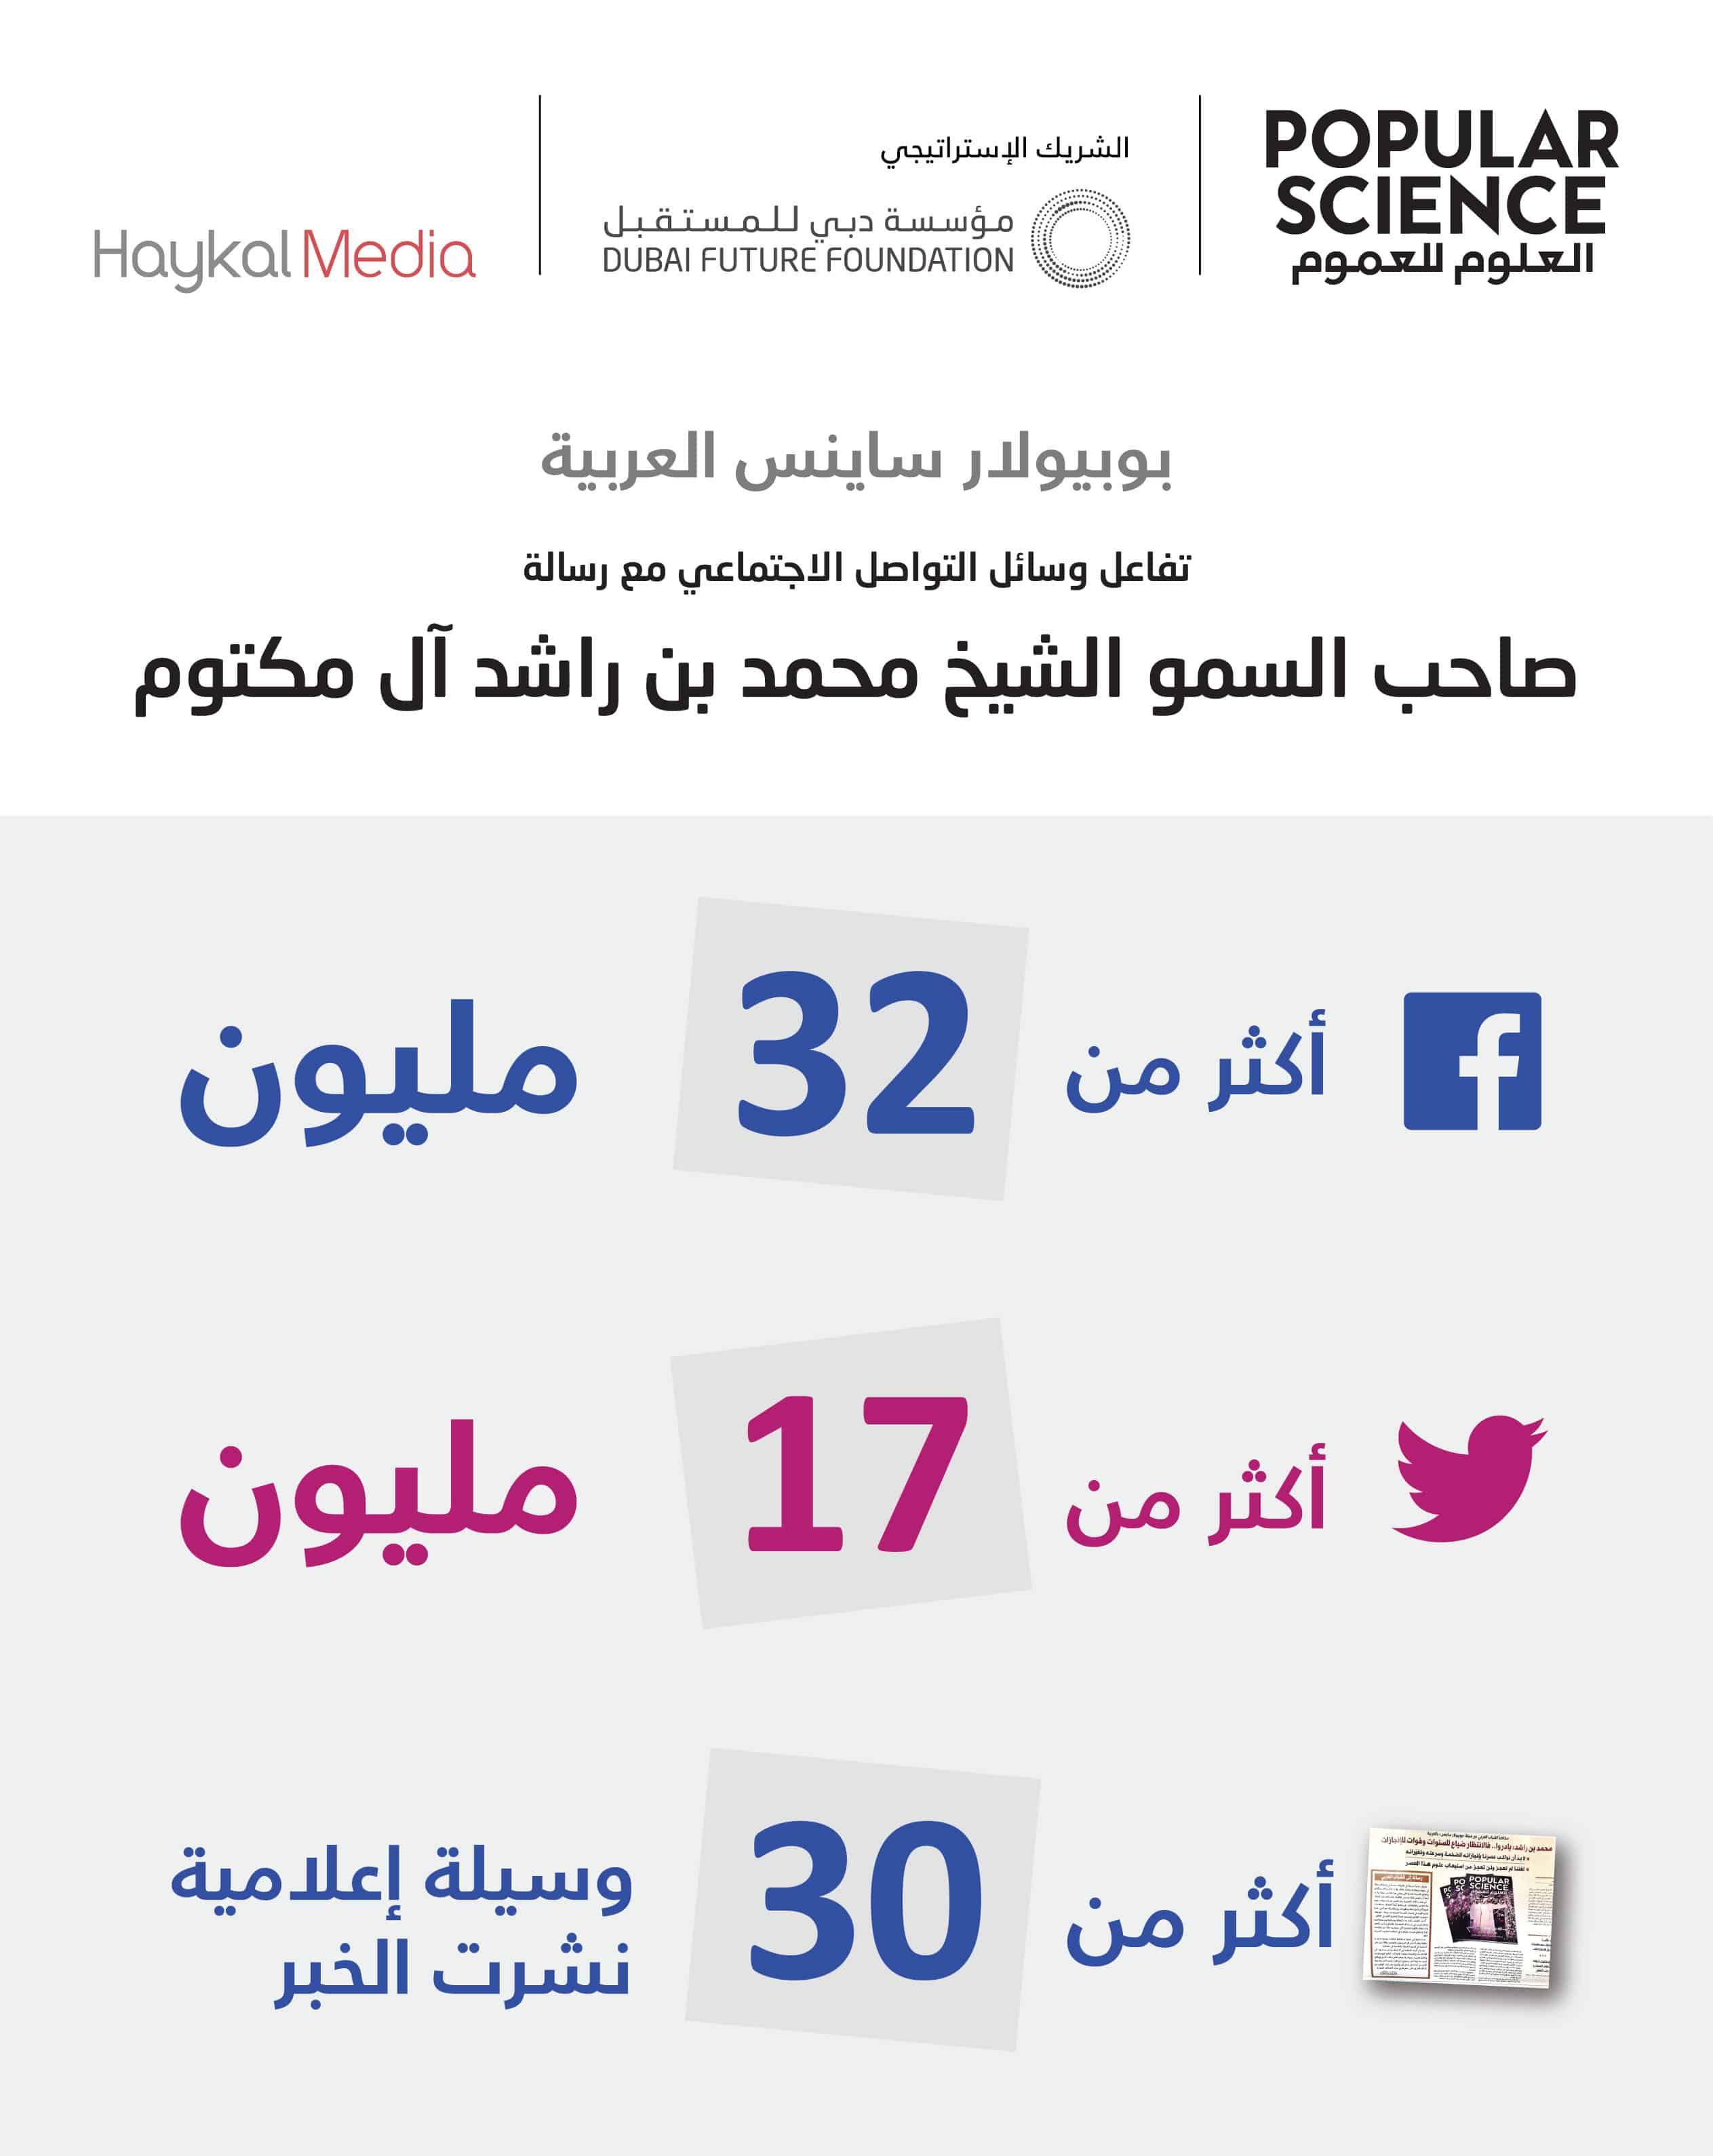 رسالة محمد بن راشد للشباب العربي في العدد الأول من مجلة بوبيولار ساينس العربية تحظى باهتمام كبير